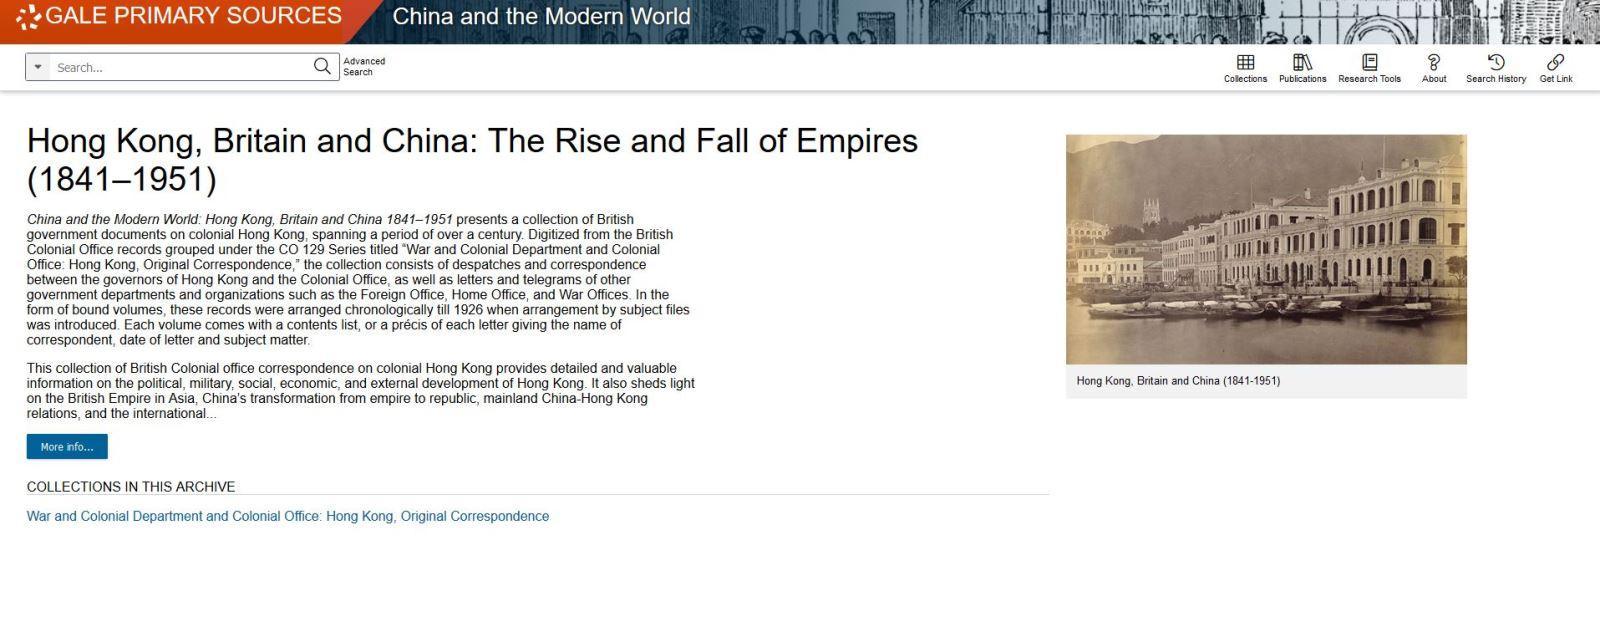 China and the Modern World :Hong Kong, Britain and China 1841-1951